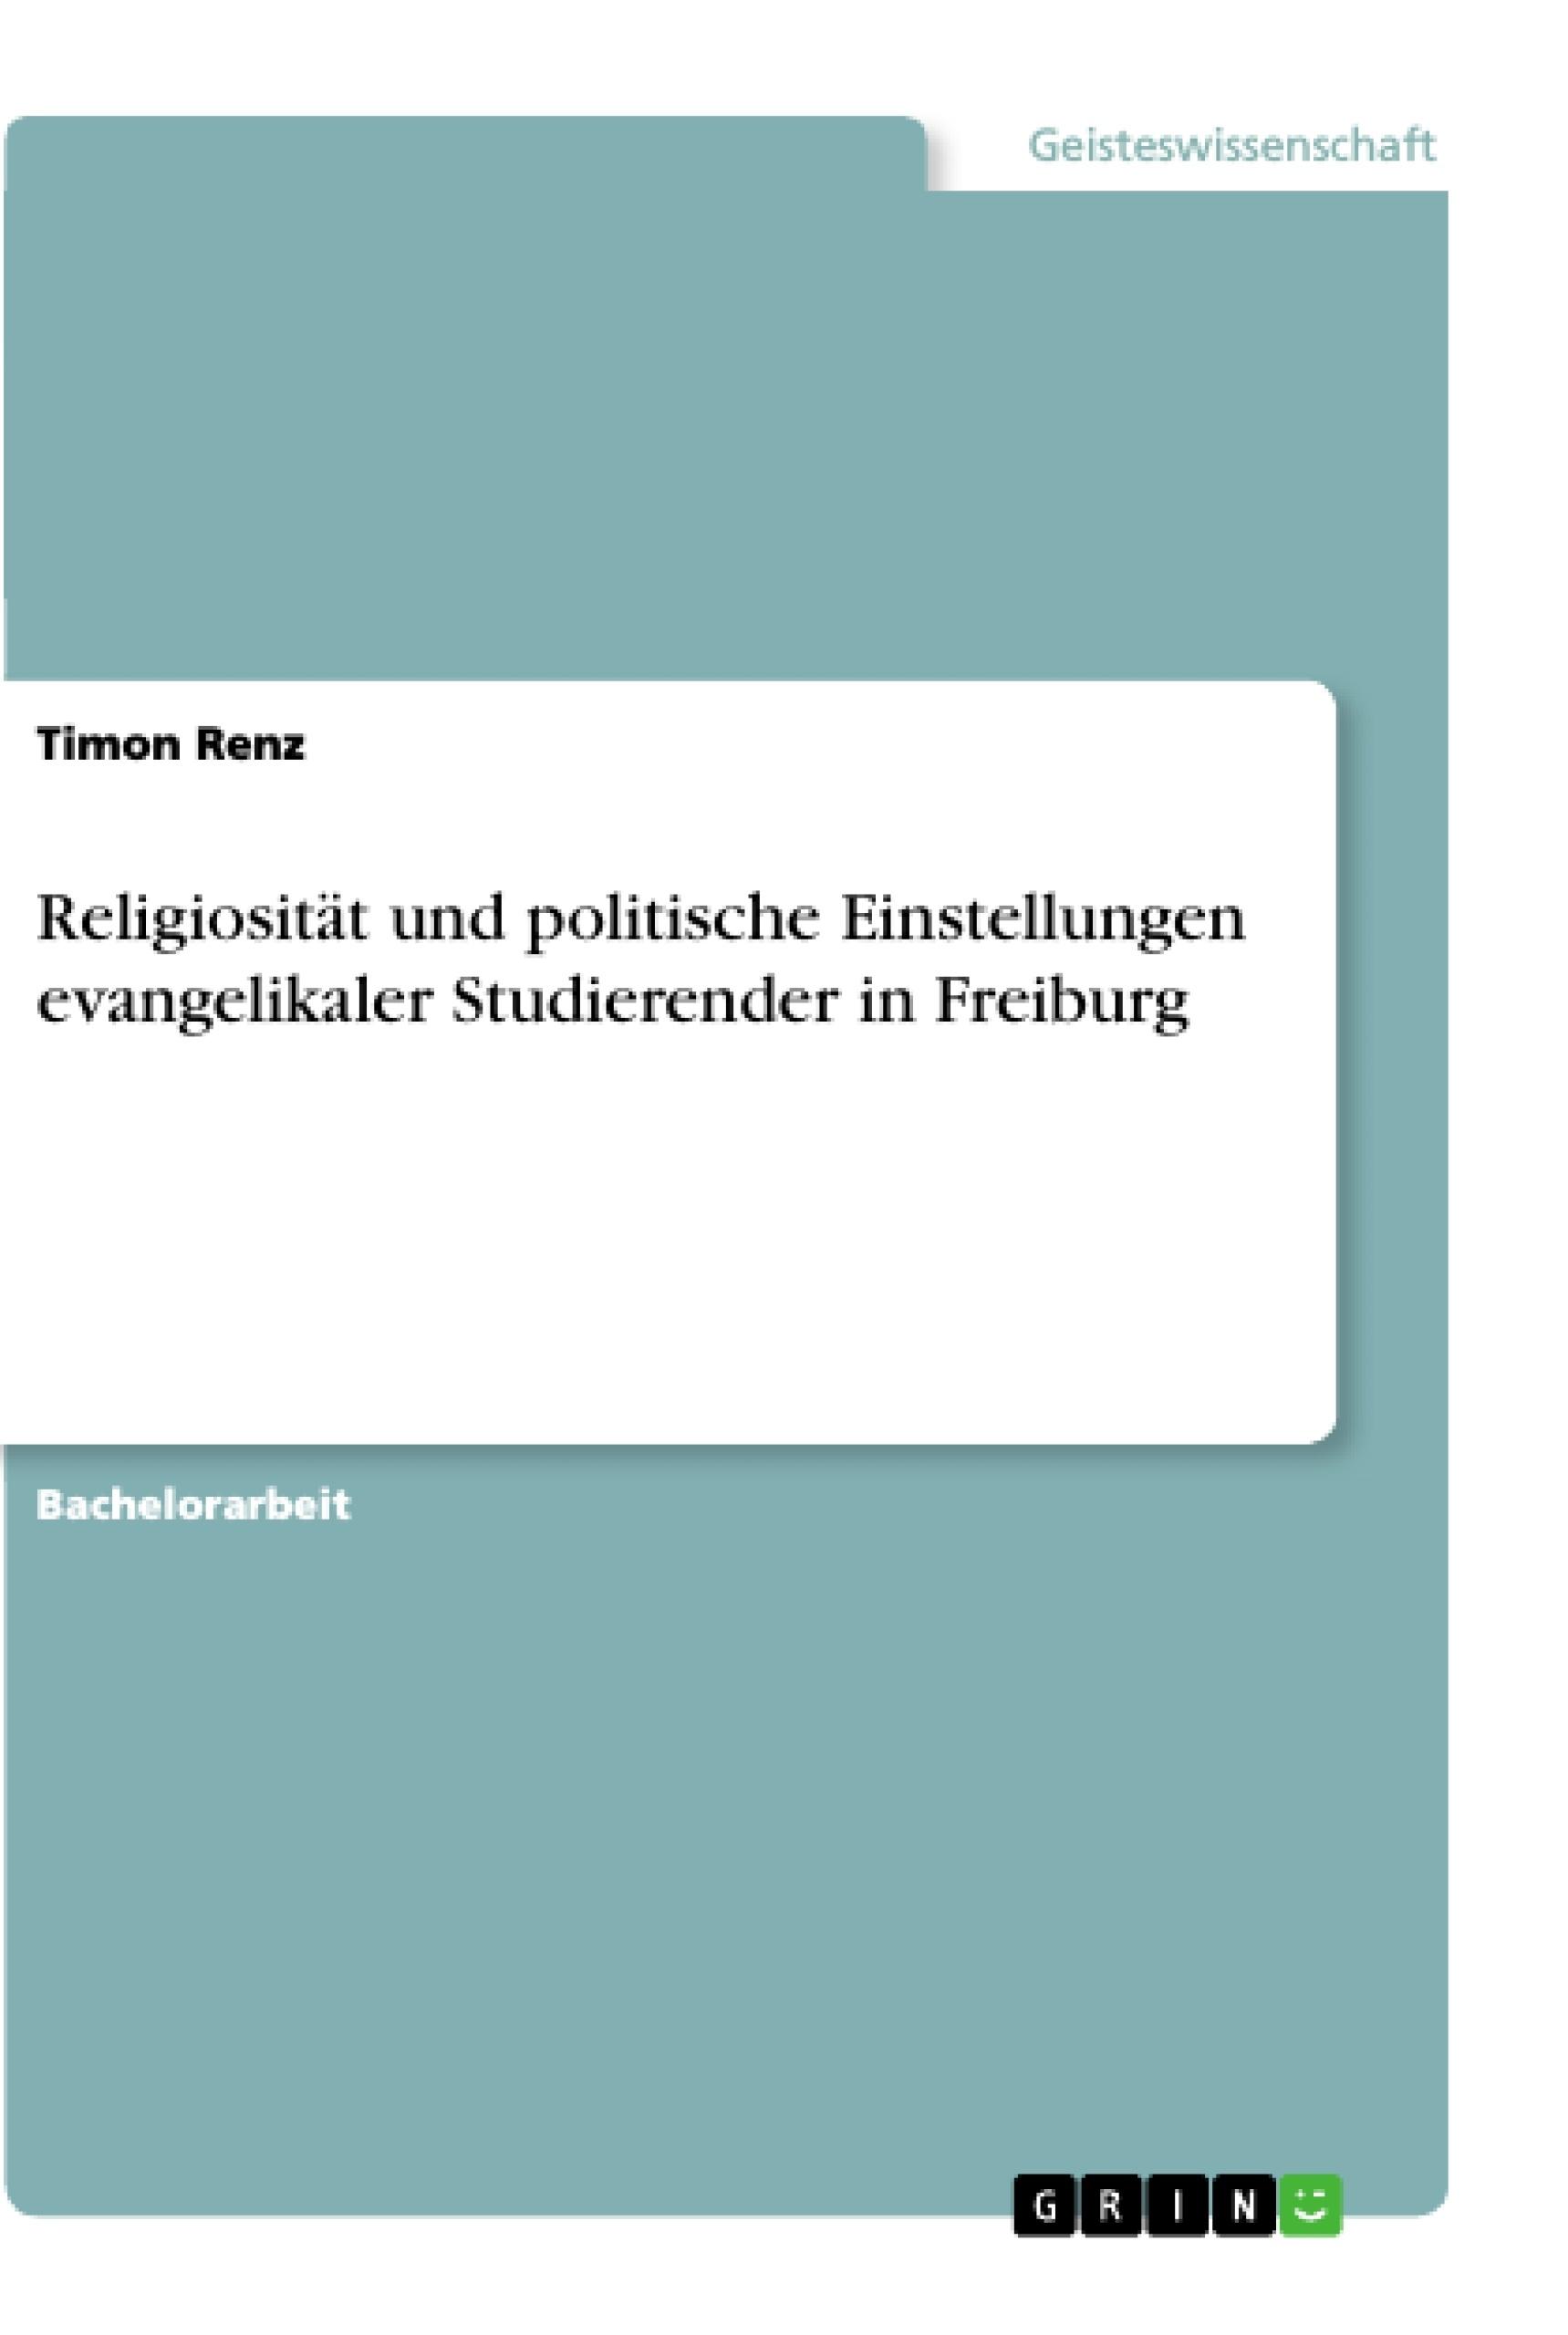 Titel: Religiosität und politische Einstellungen evangelikaler Studierender in Freiburg